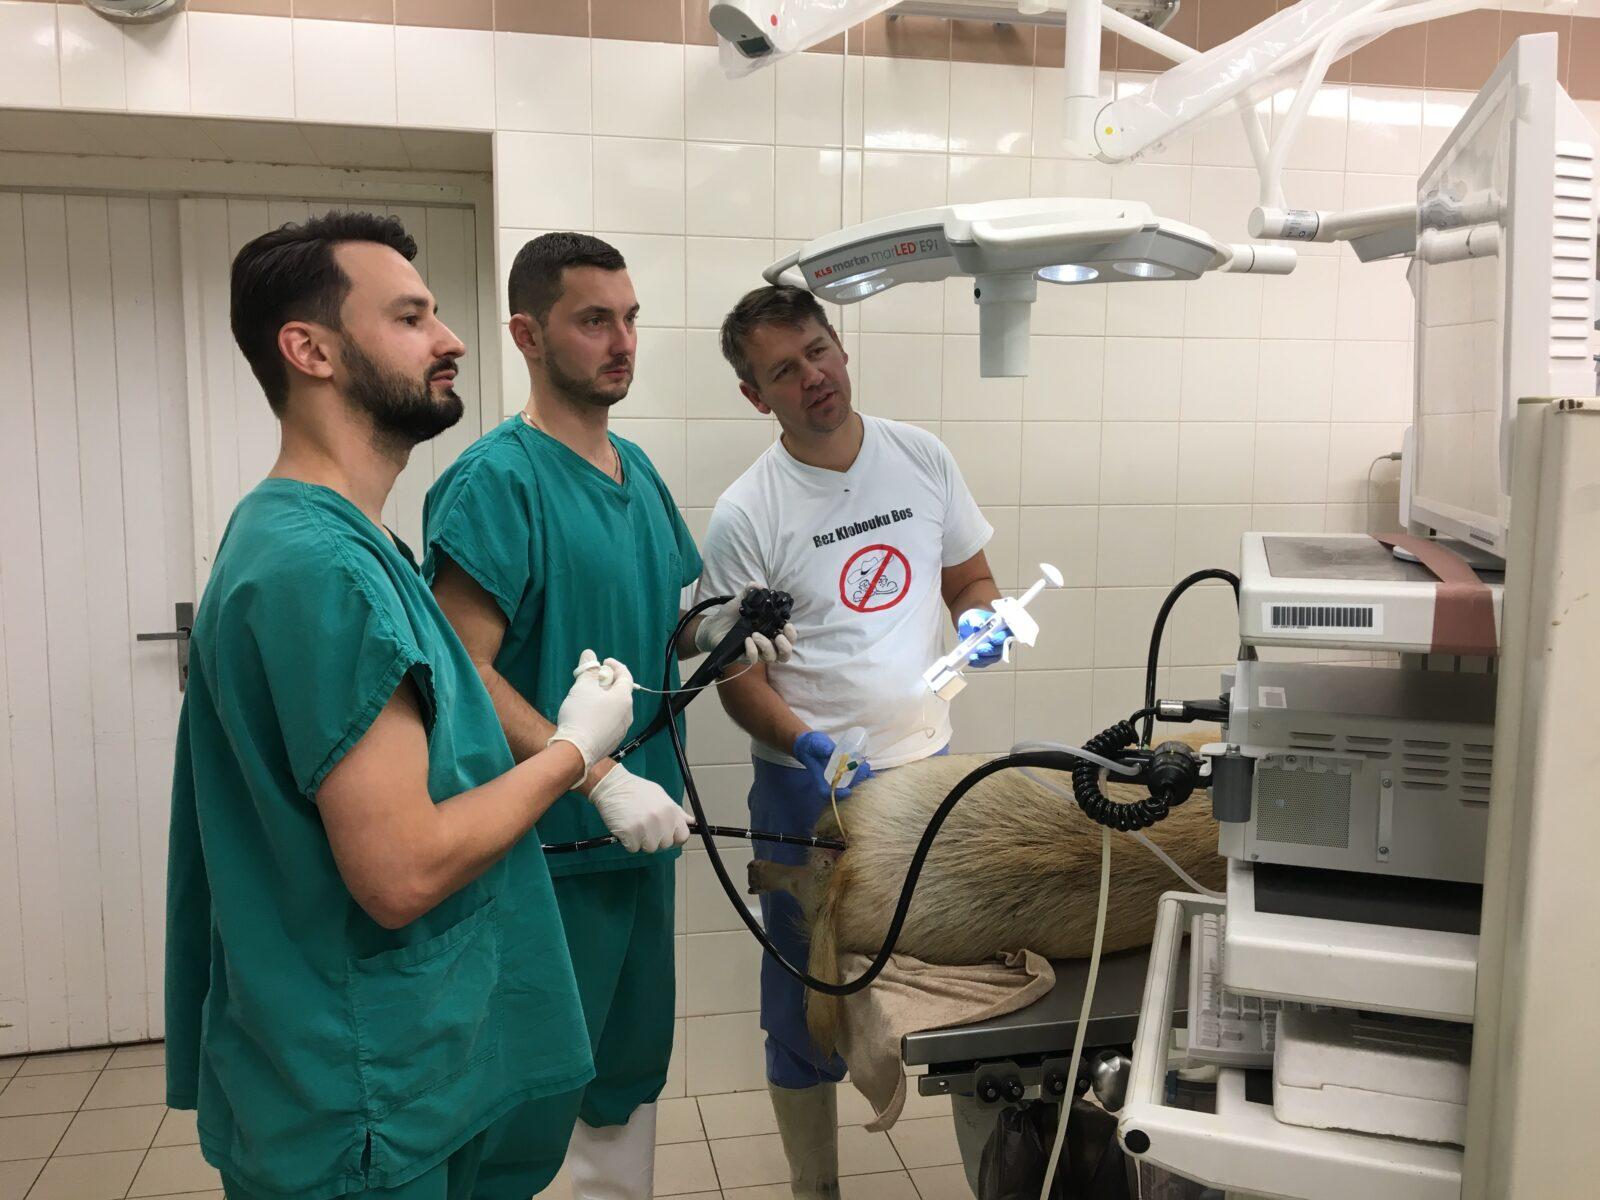 Nové minimálně invazivní možnosti léčby pooperační recidivy Crohnovy choroby na experimentálním modelu - foto 2